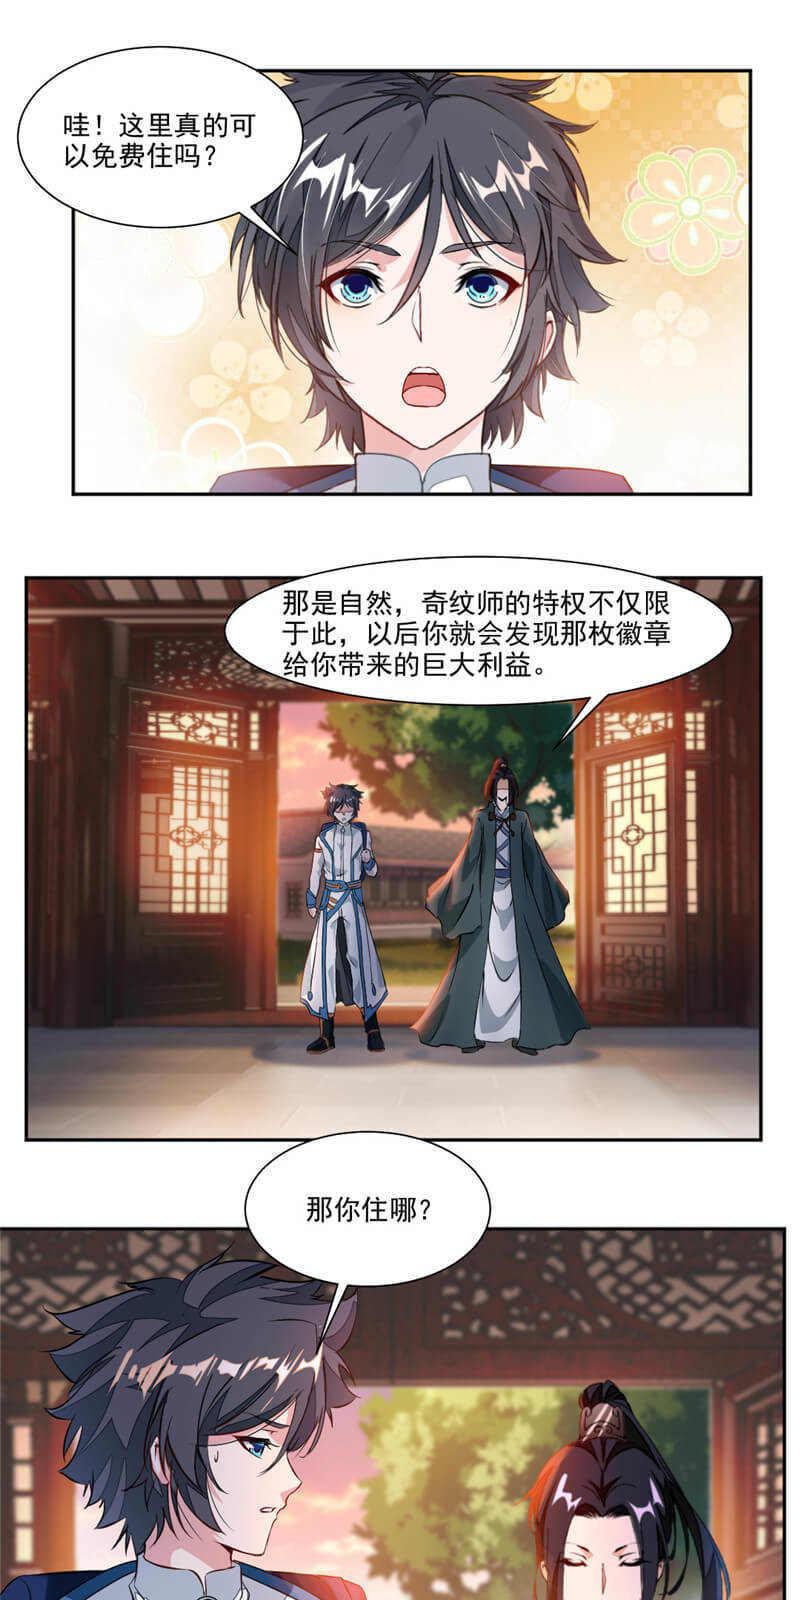 九阳神王第38话  潜龙武道会即将开始? 第 10